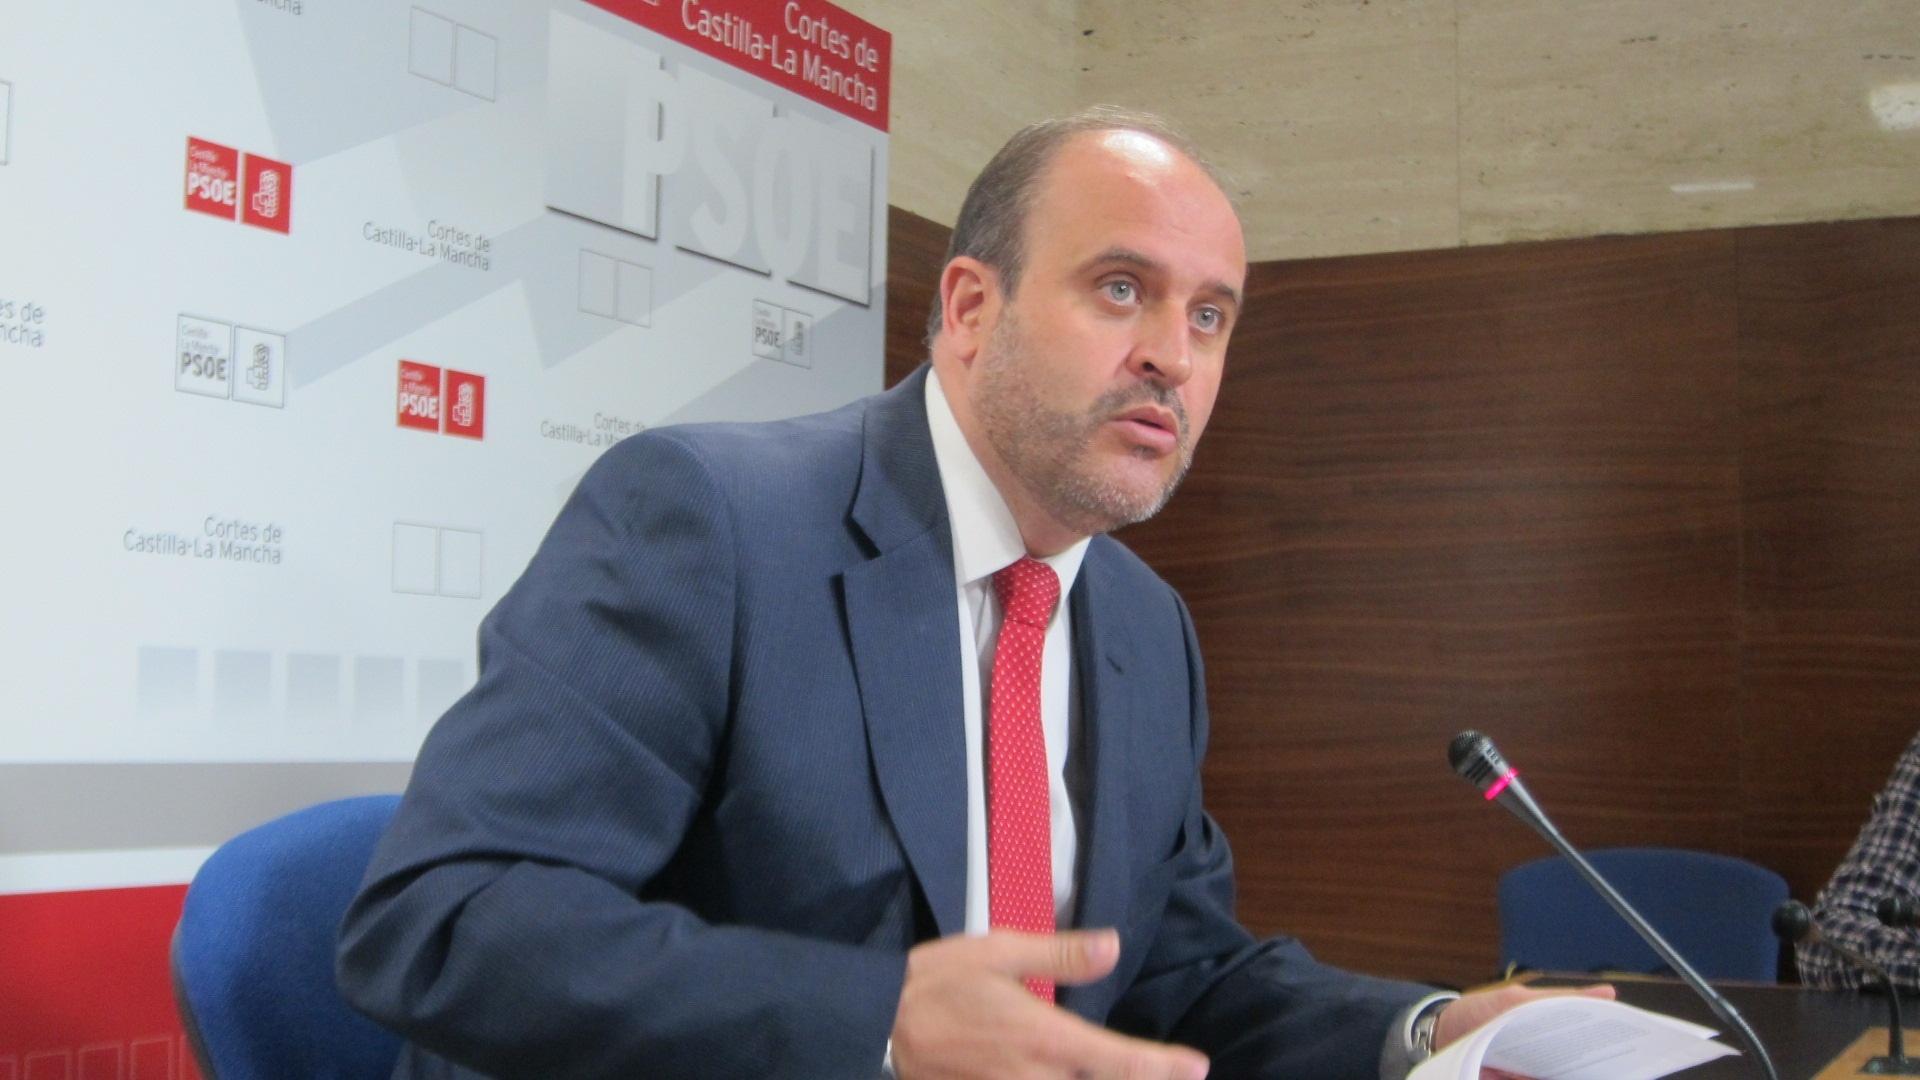 PSOE no da credibilidad a sondeos que dan la victoria al PP y cree que el objetivo de éstos es justificar «un pucherazo»